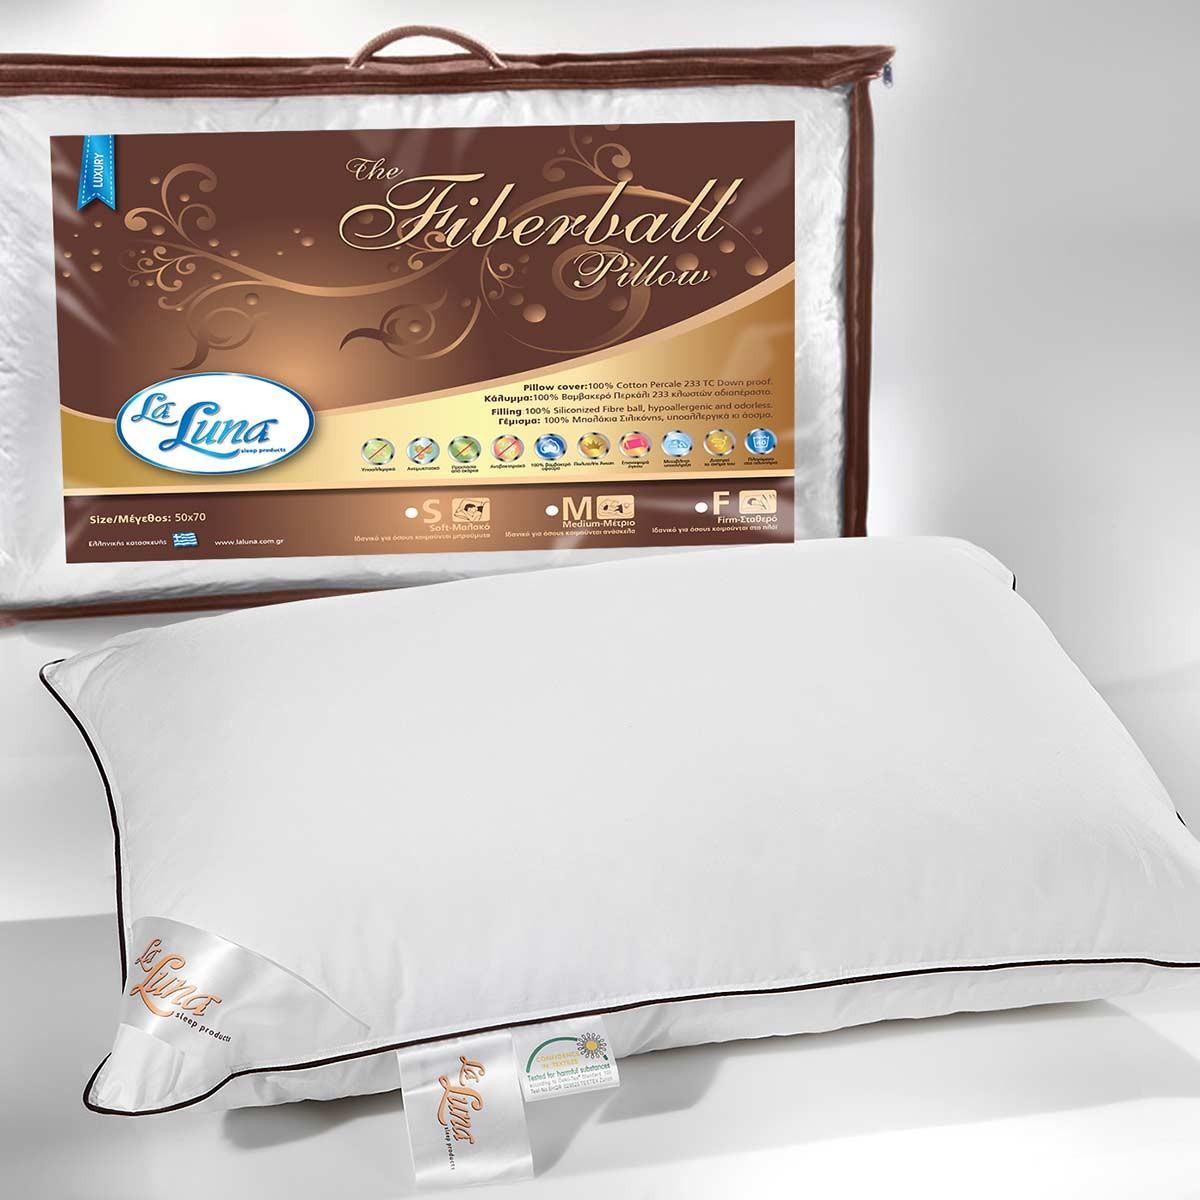 Μαξιλάρι Ύπνου La Luna Fiberball Medium home   κρεβατοκάμαρα   μαξιλάρια   μαξιλάρια ύπνου